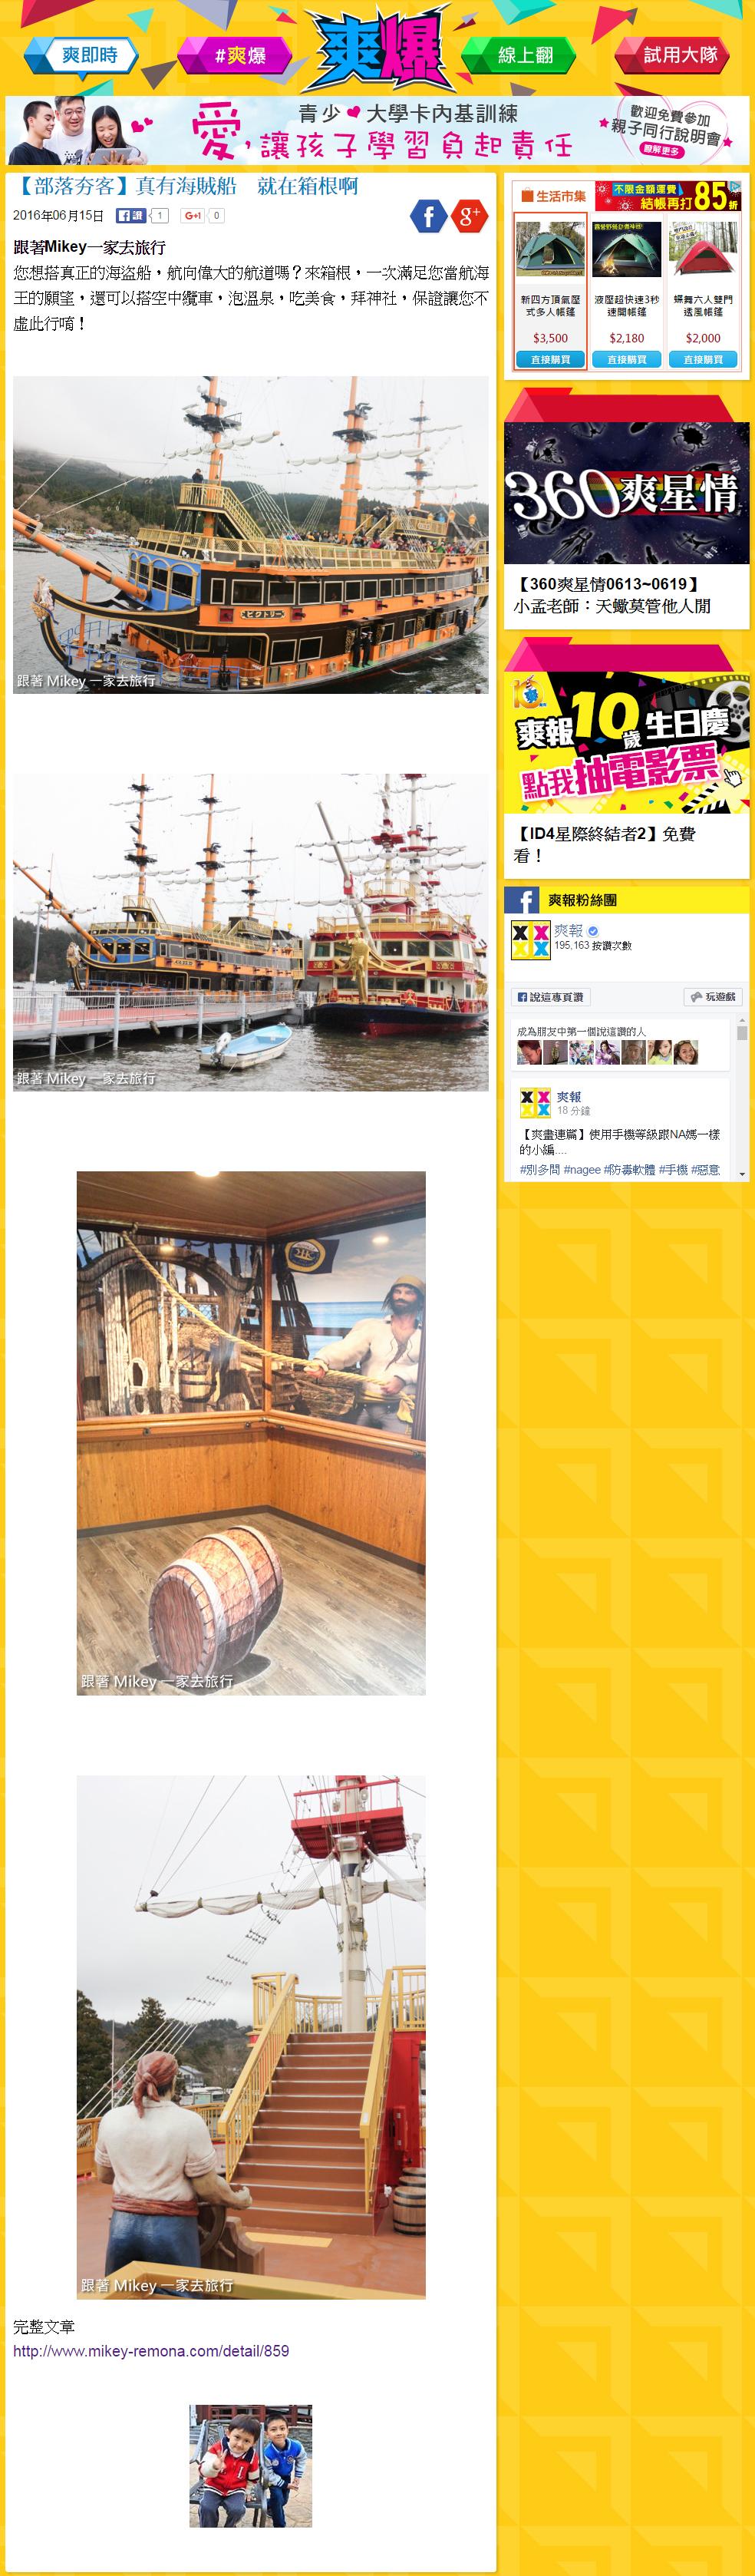 跟著 Mikey 一家去旅行 - 【 媒體露出 】爽報 - 部落夯客 - 『 真有海賊船就在箱根啊 』